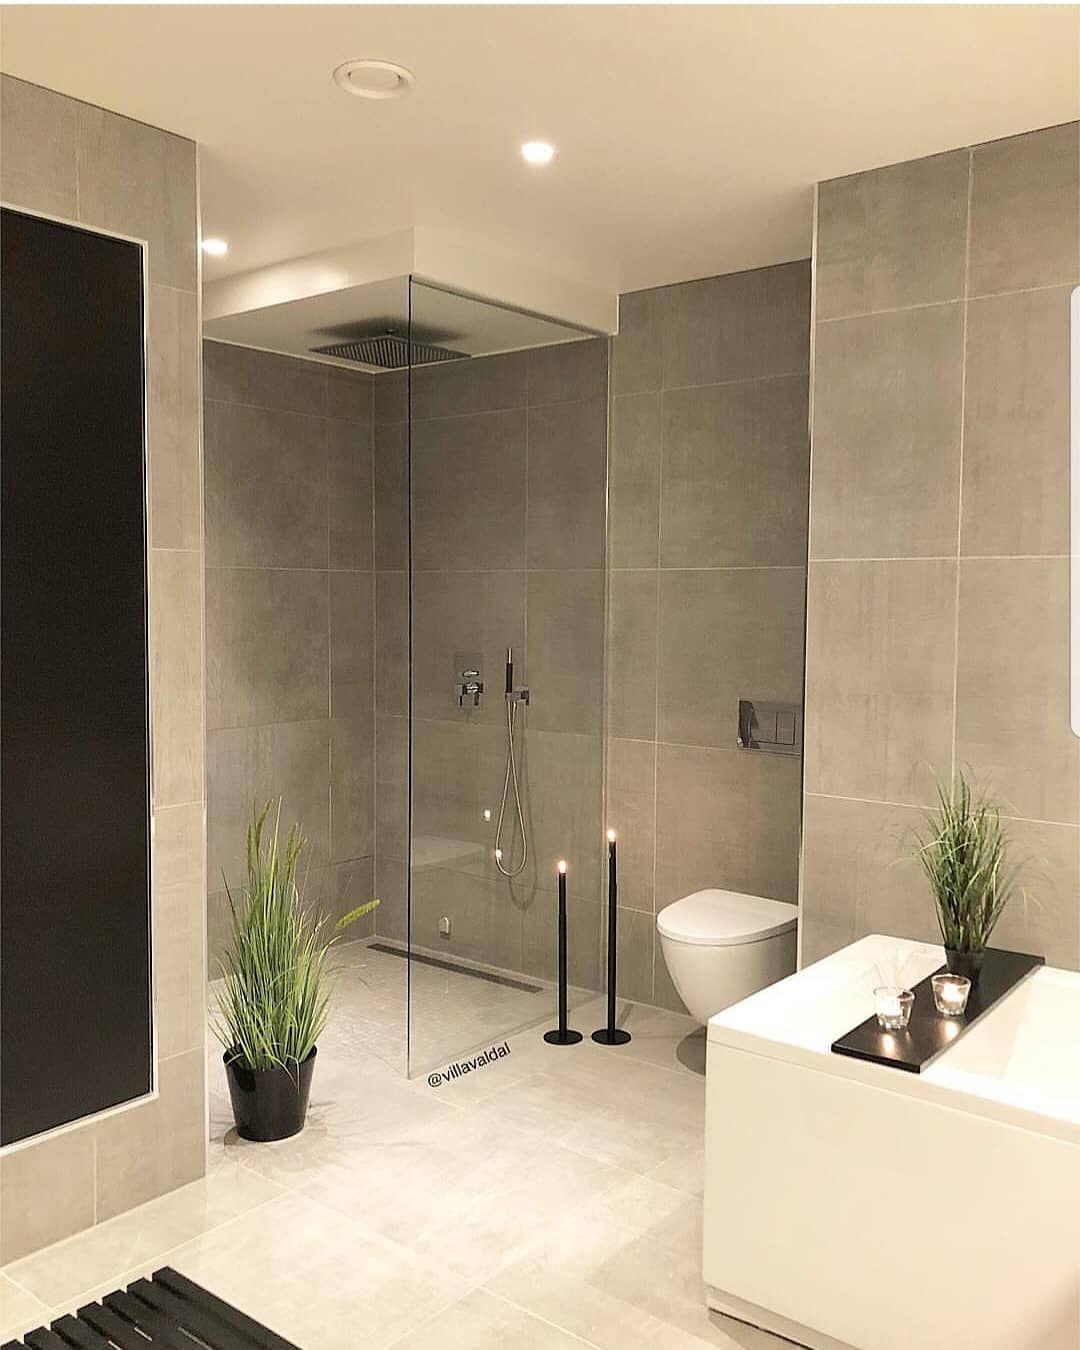 Gutschrift Bathroomdesign Innenraum Badezimmer Interior123 Inspire Me Home De Badezimmer Einrichtung Badezimmer Badezimmer Innenausstattung